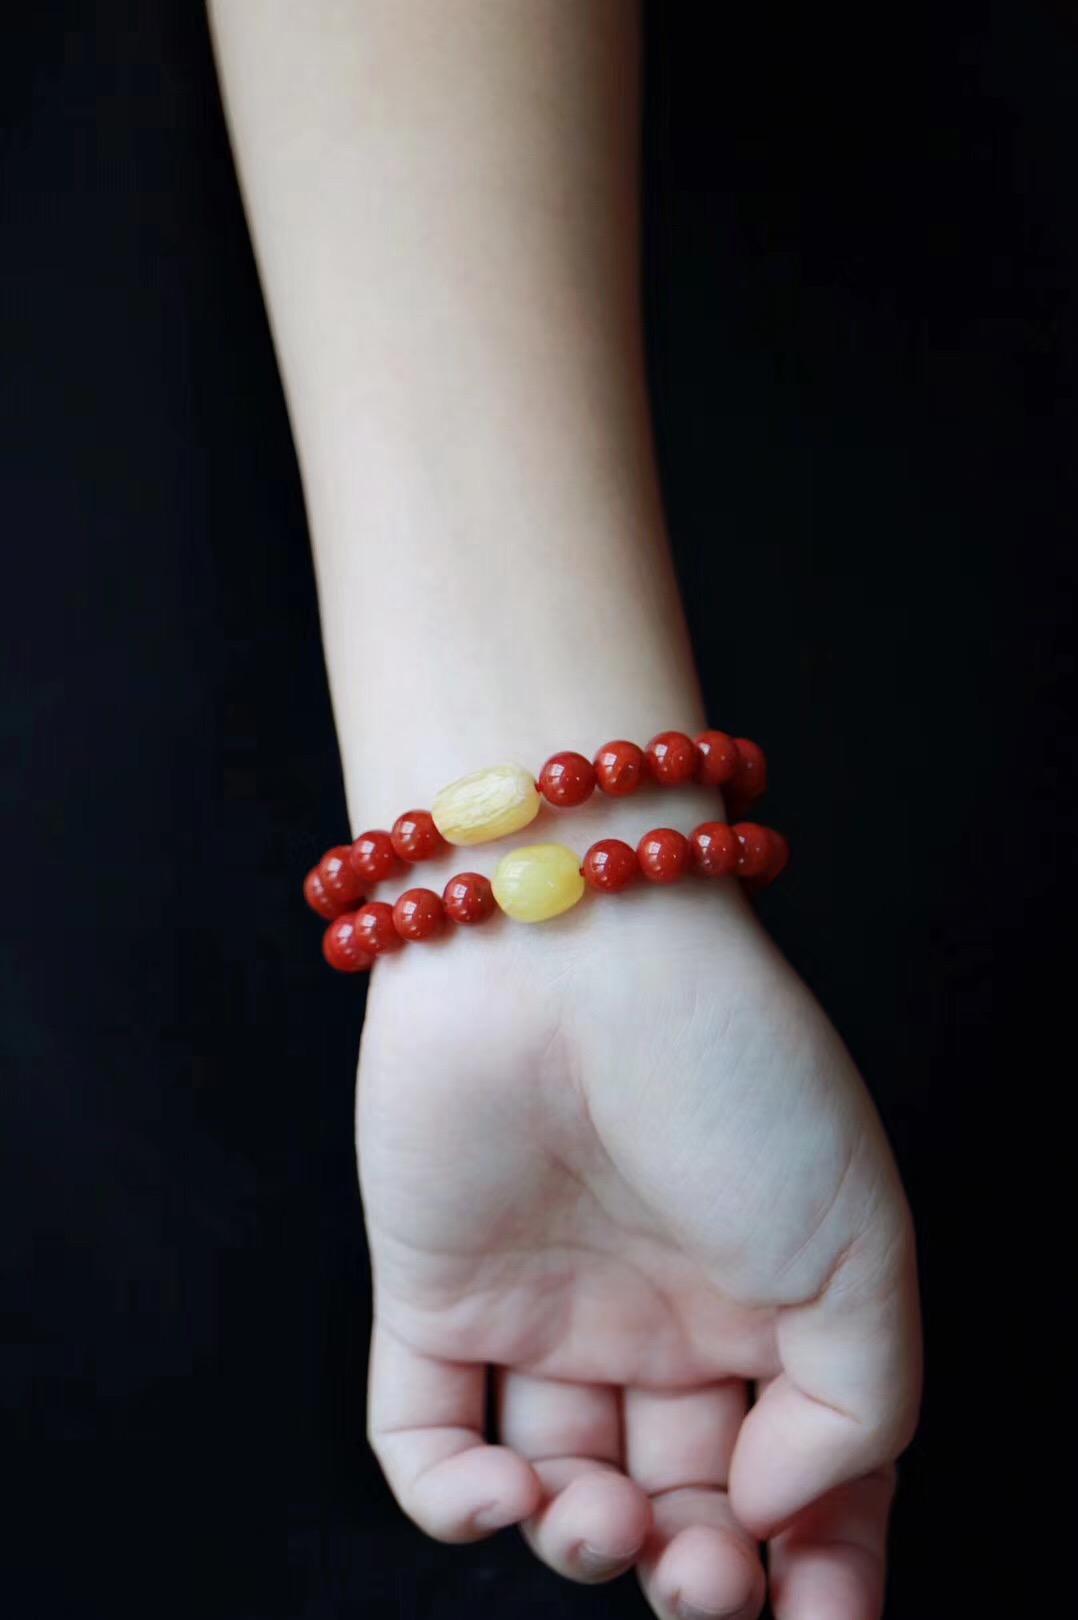 【南红玛瑙 | 蜜蜡】红色,一直以来都是祥瑞之色-菩心晶舍